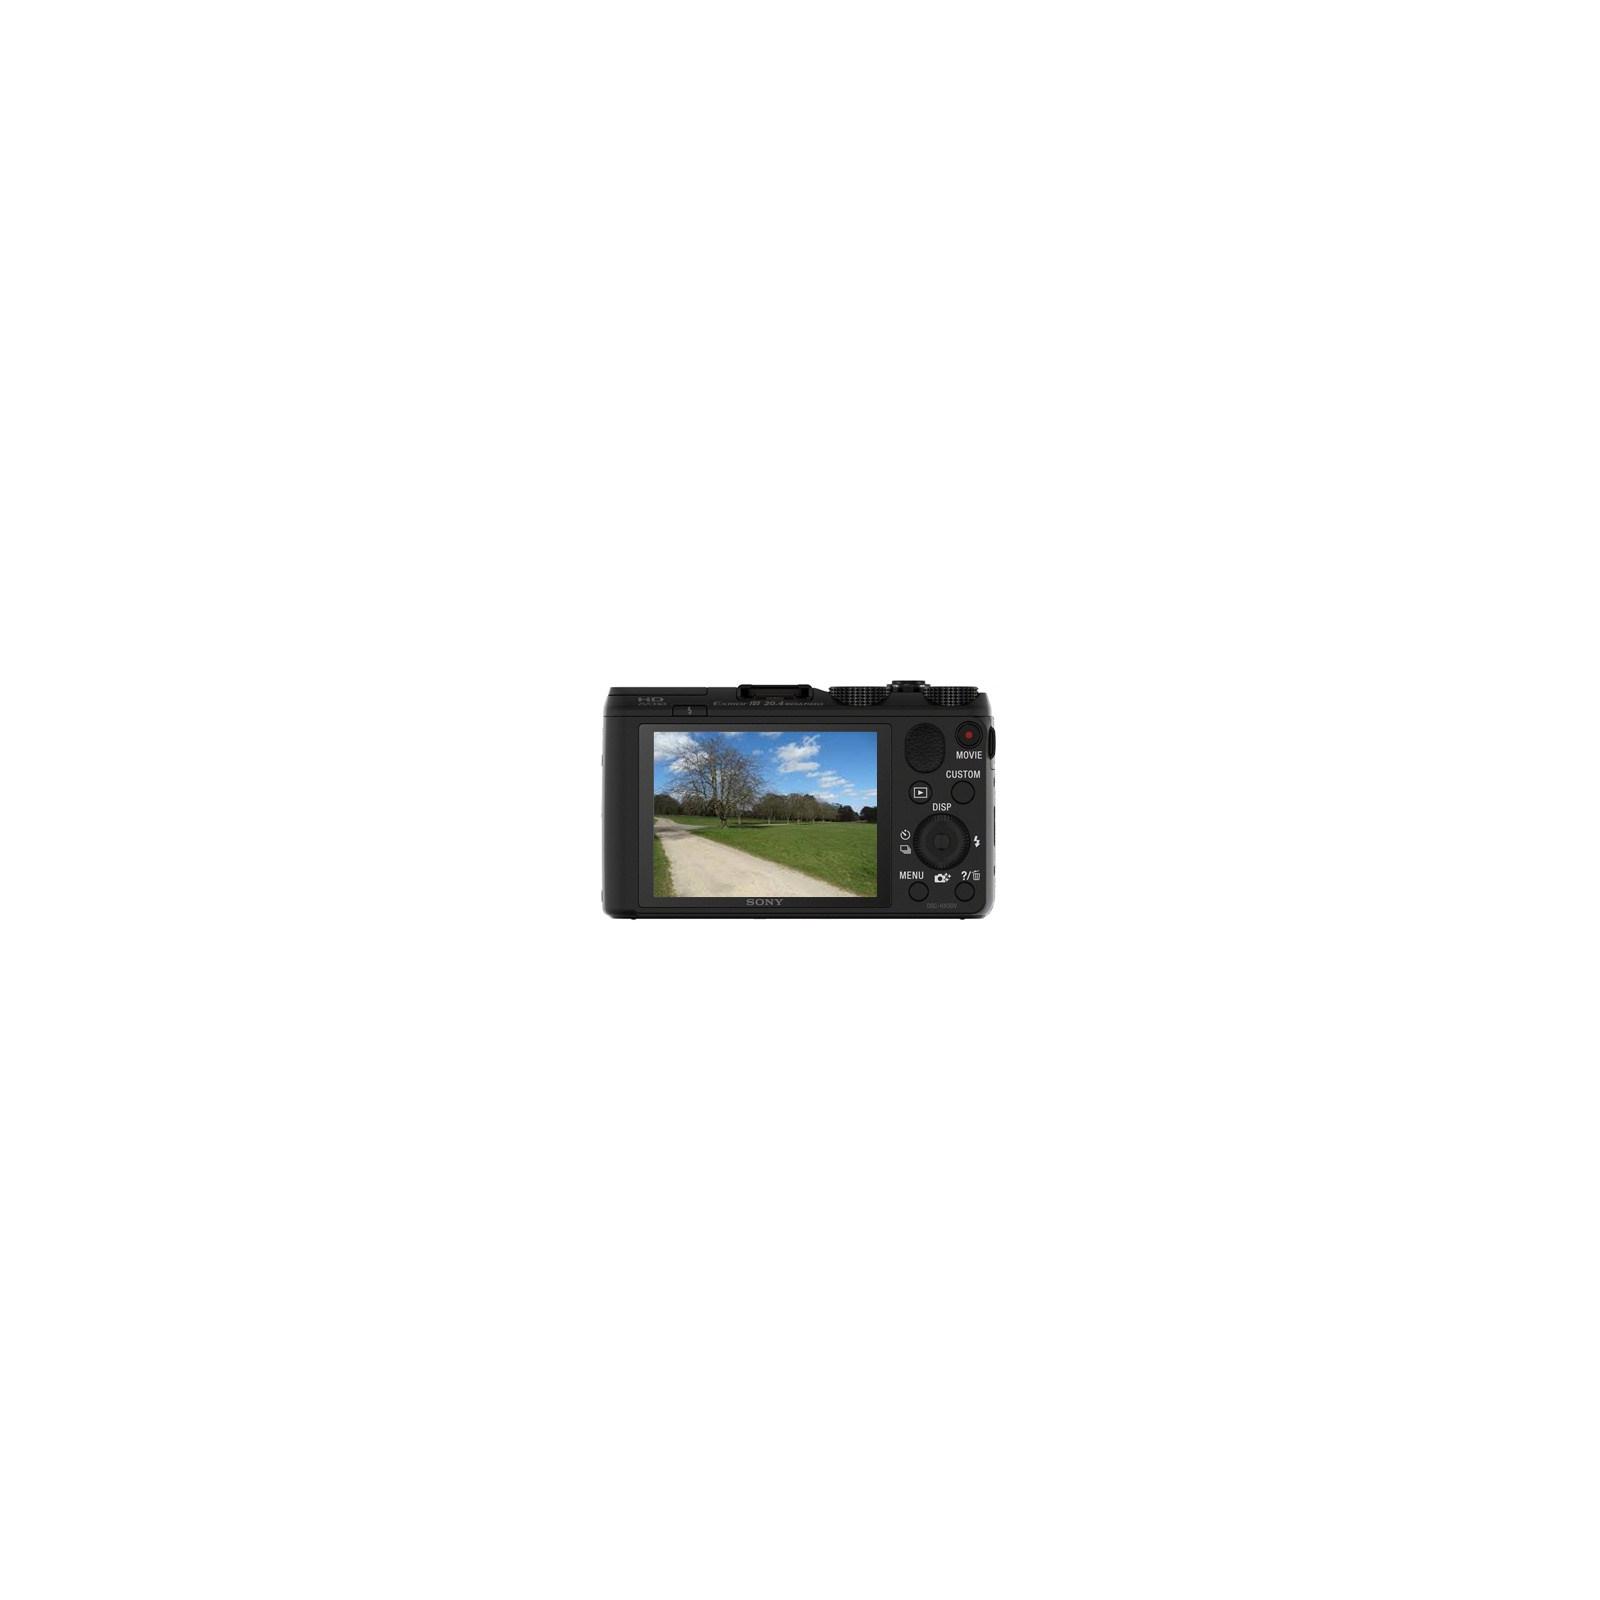 Цифровой фотоаппарат SONY Cyber-shot DSC-HX50 (DSCHX50B.RU3) изображение 2